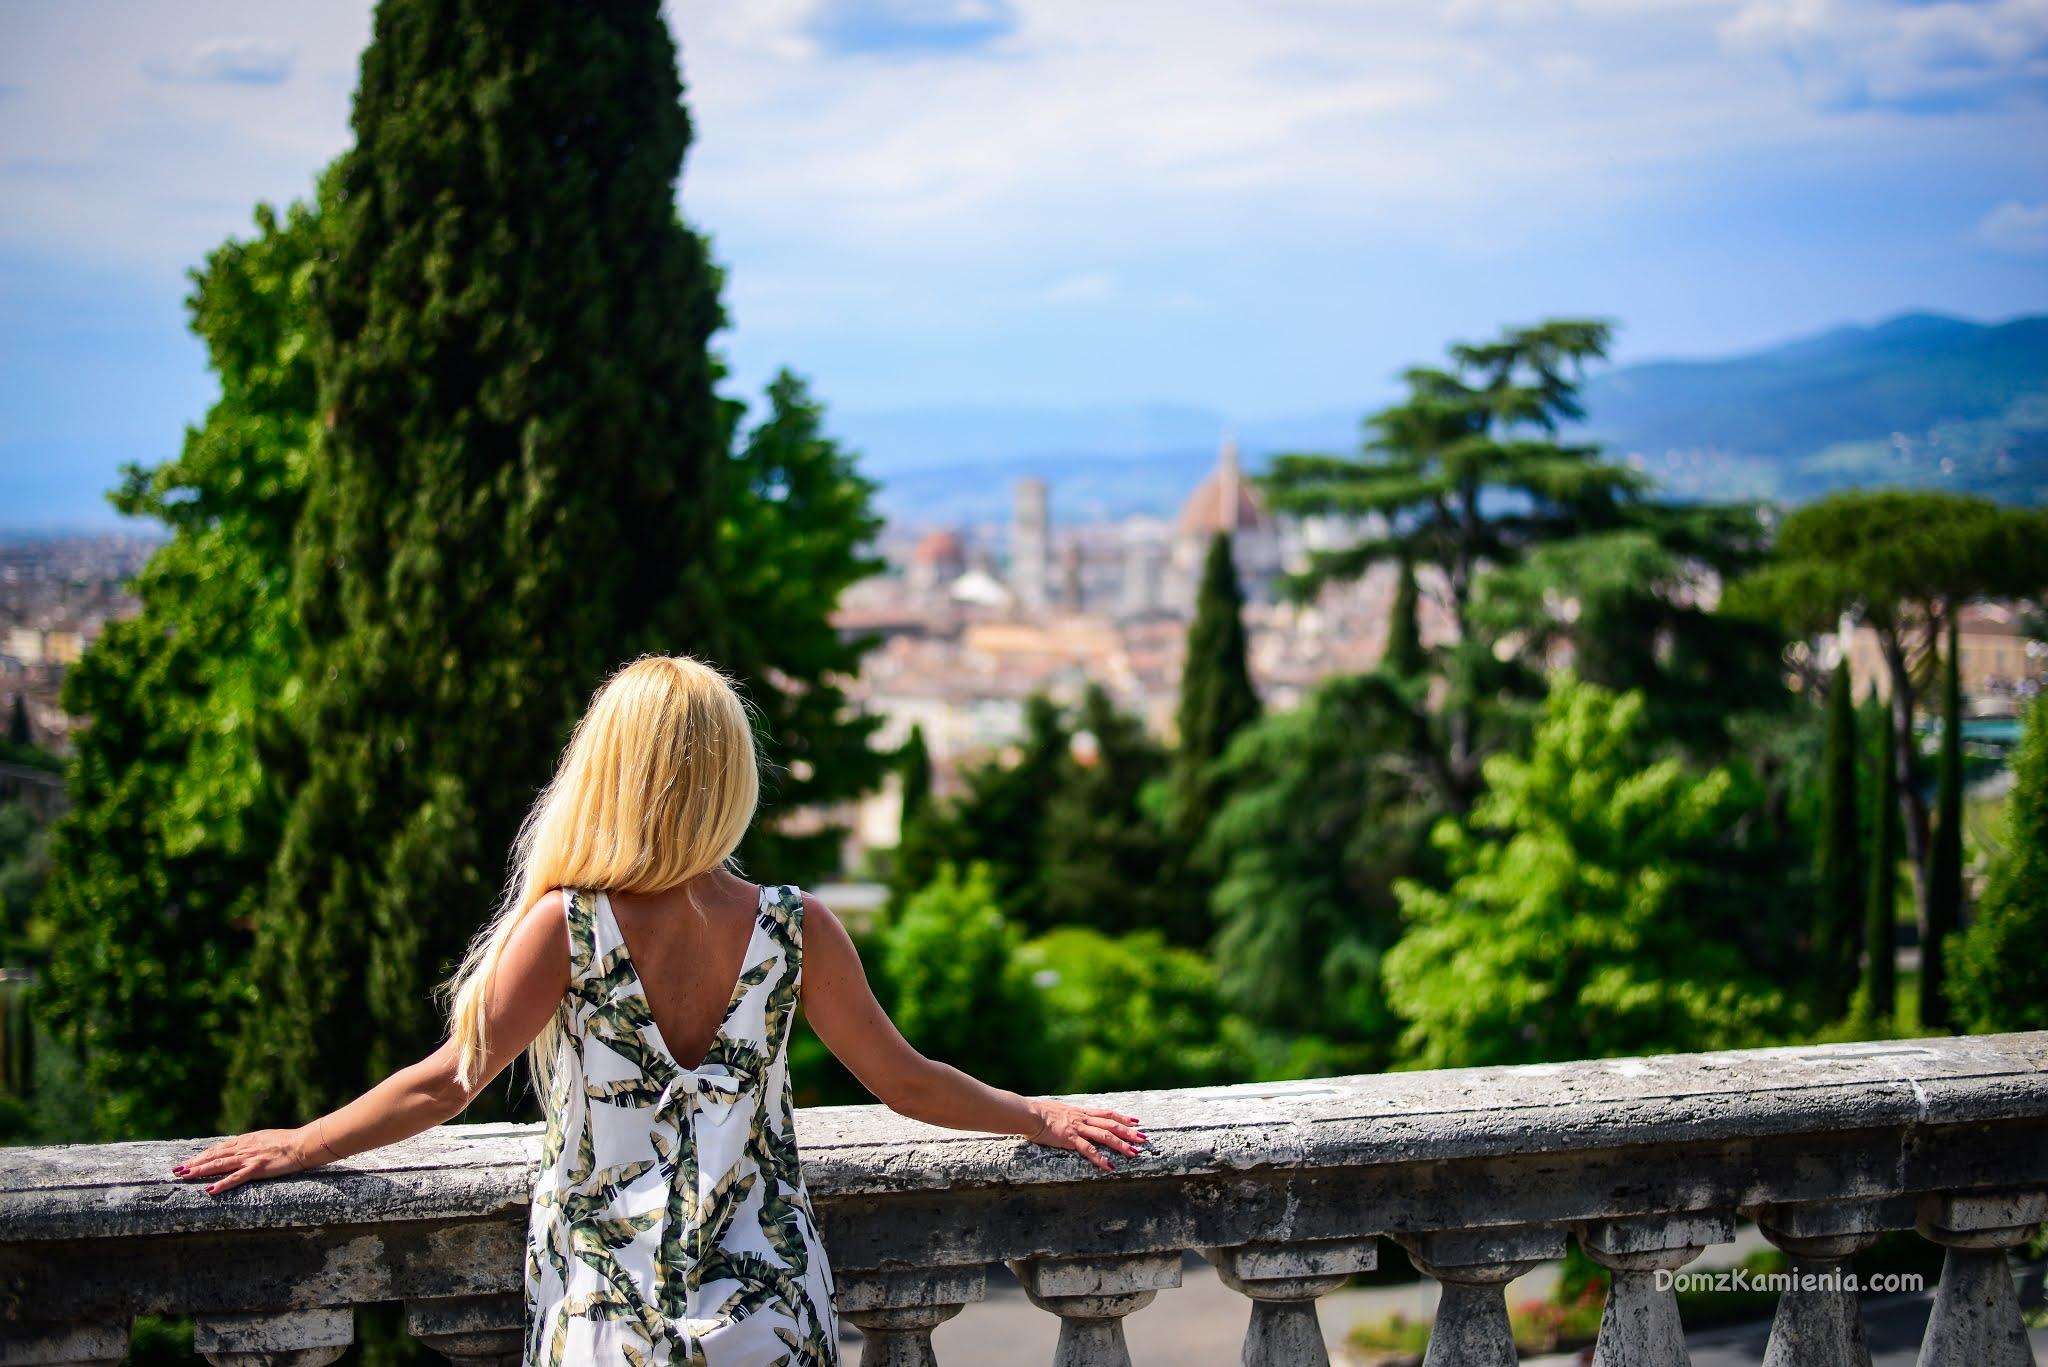 Kasia z Domu z Kamienia, Sekrety Florencji